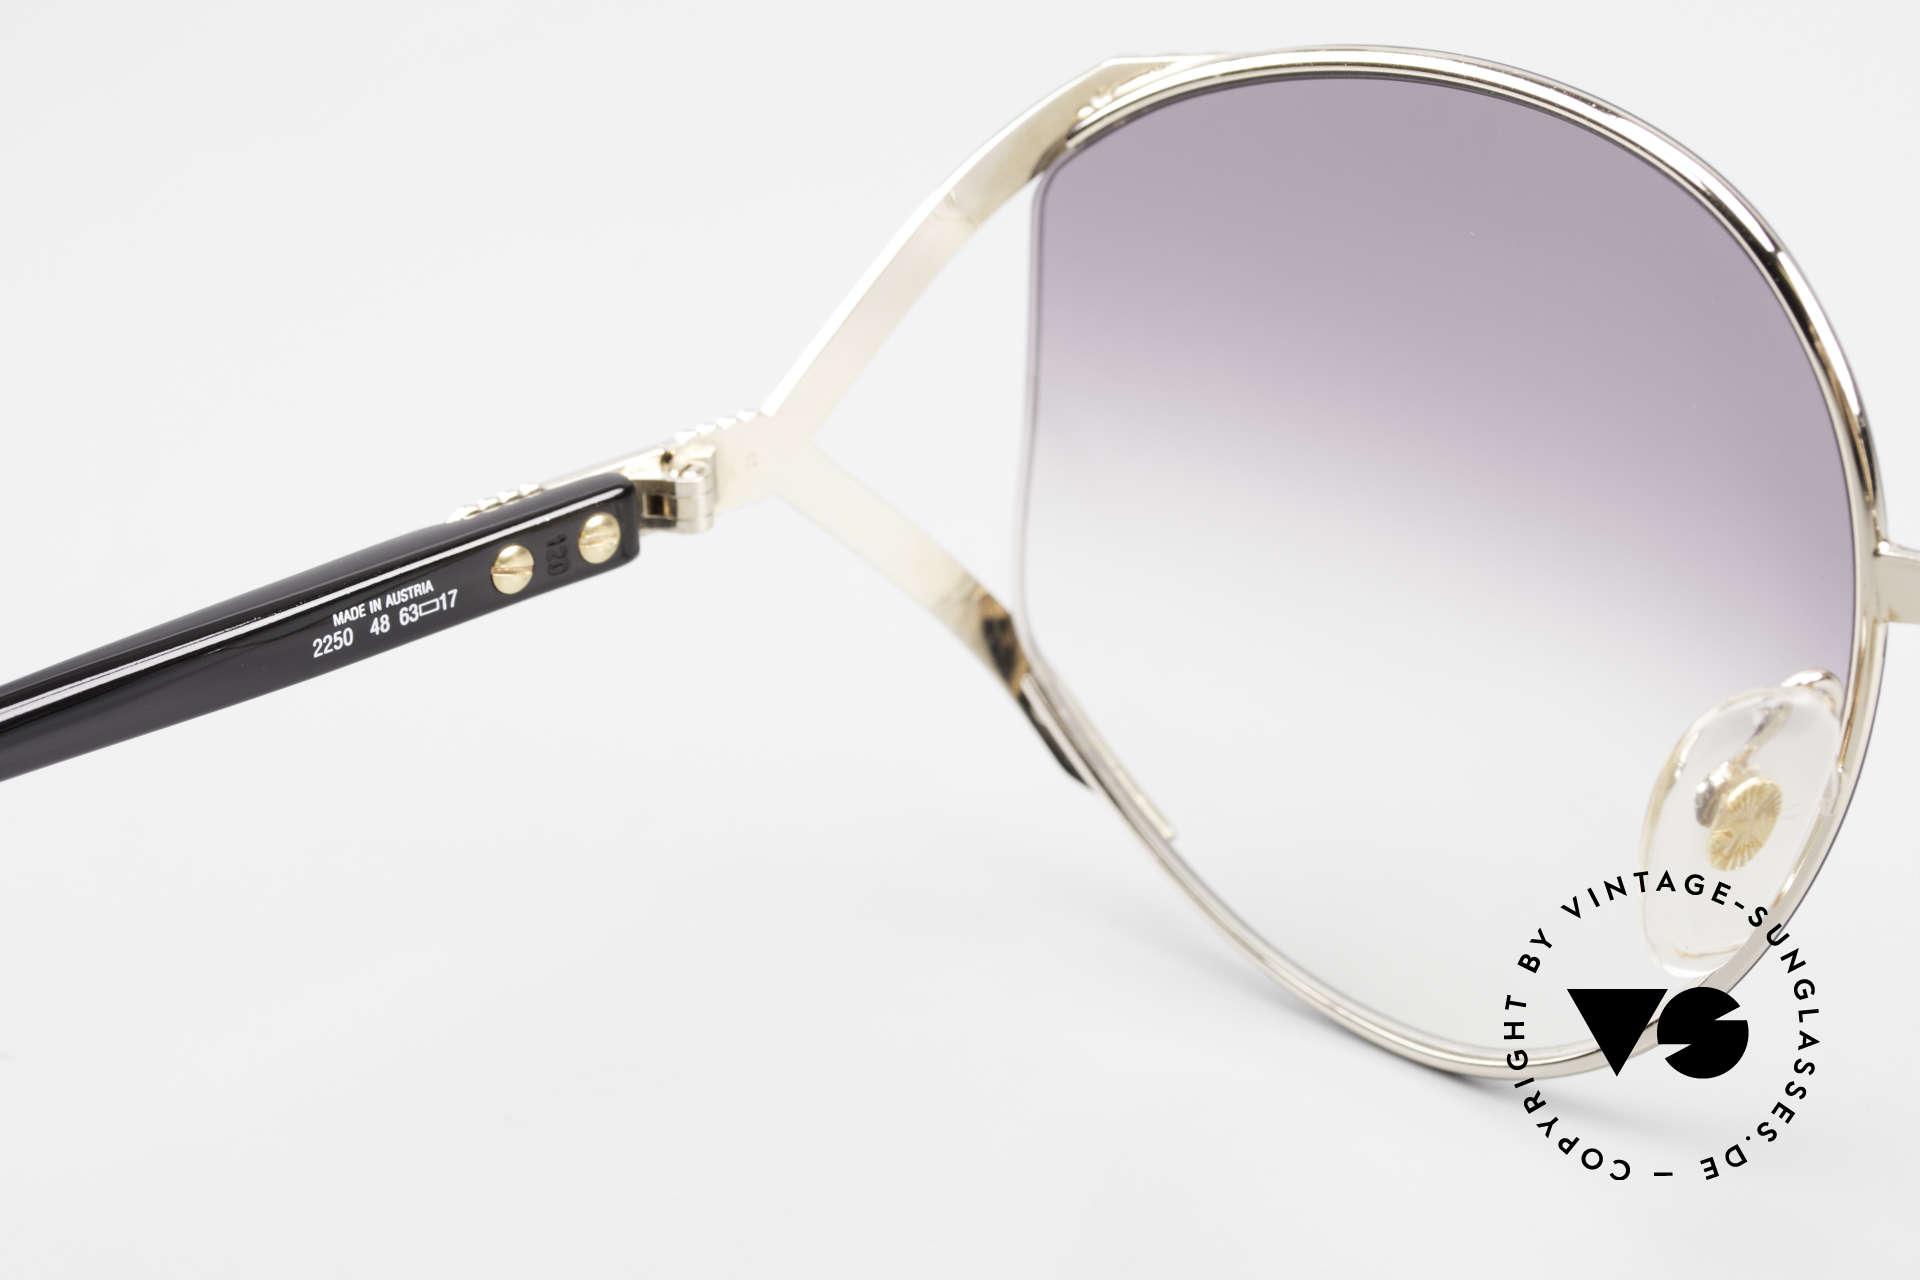 Christian Dior 2250 XL Sonnenbrille 80er Damen, KEINE RETRObrille; sondern ein ungetragenes Original!, Passend für Damen